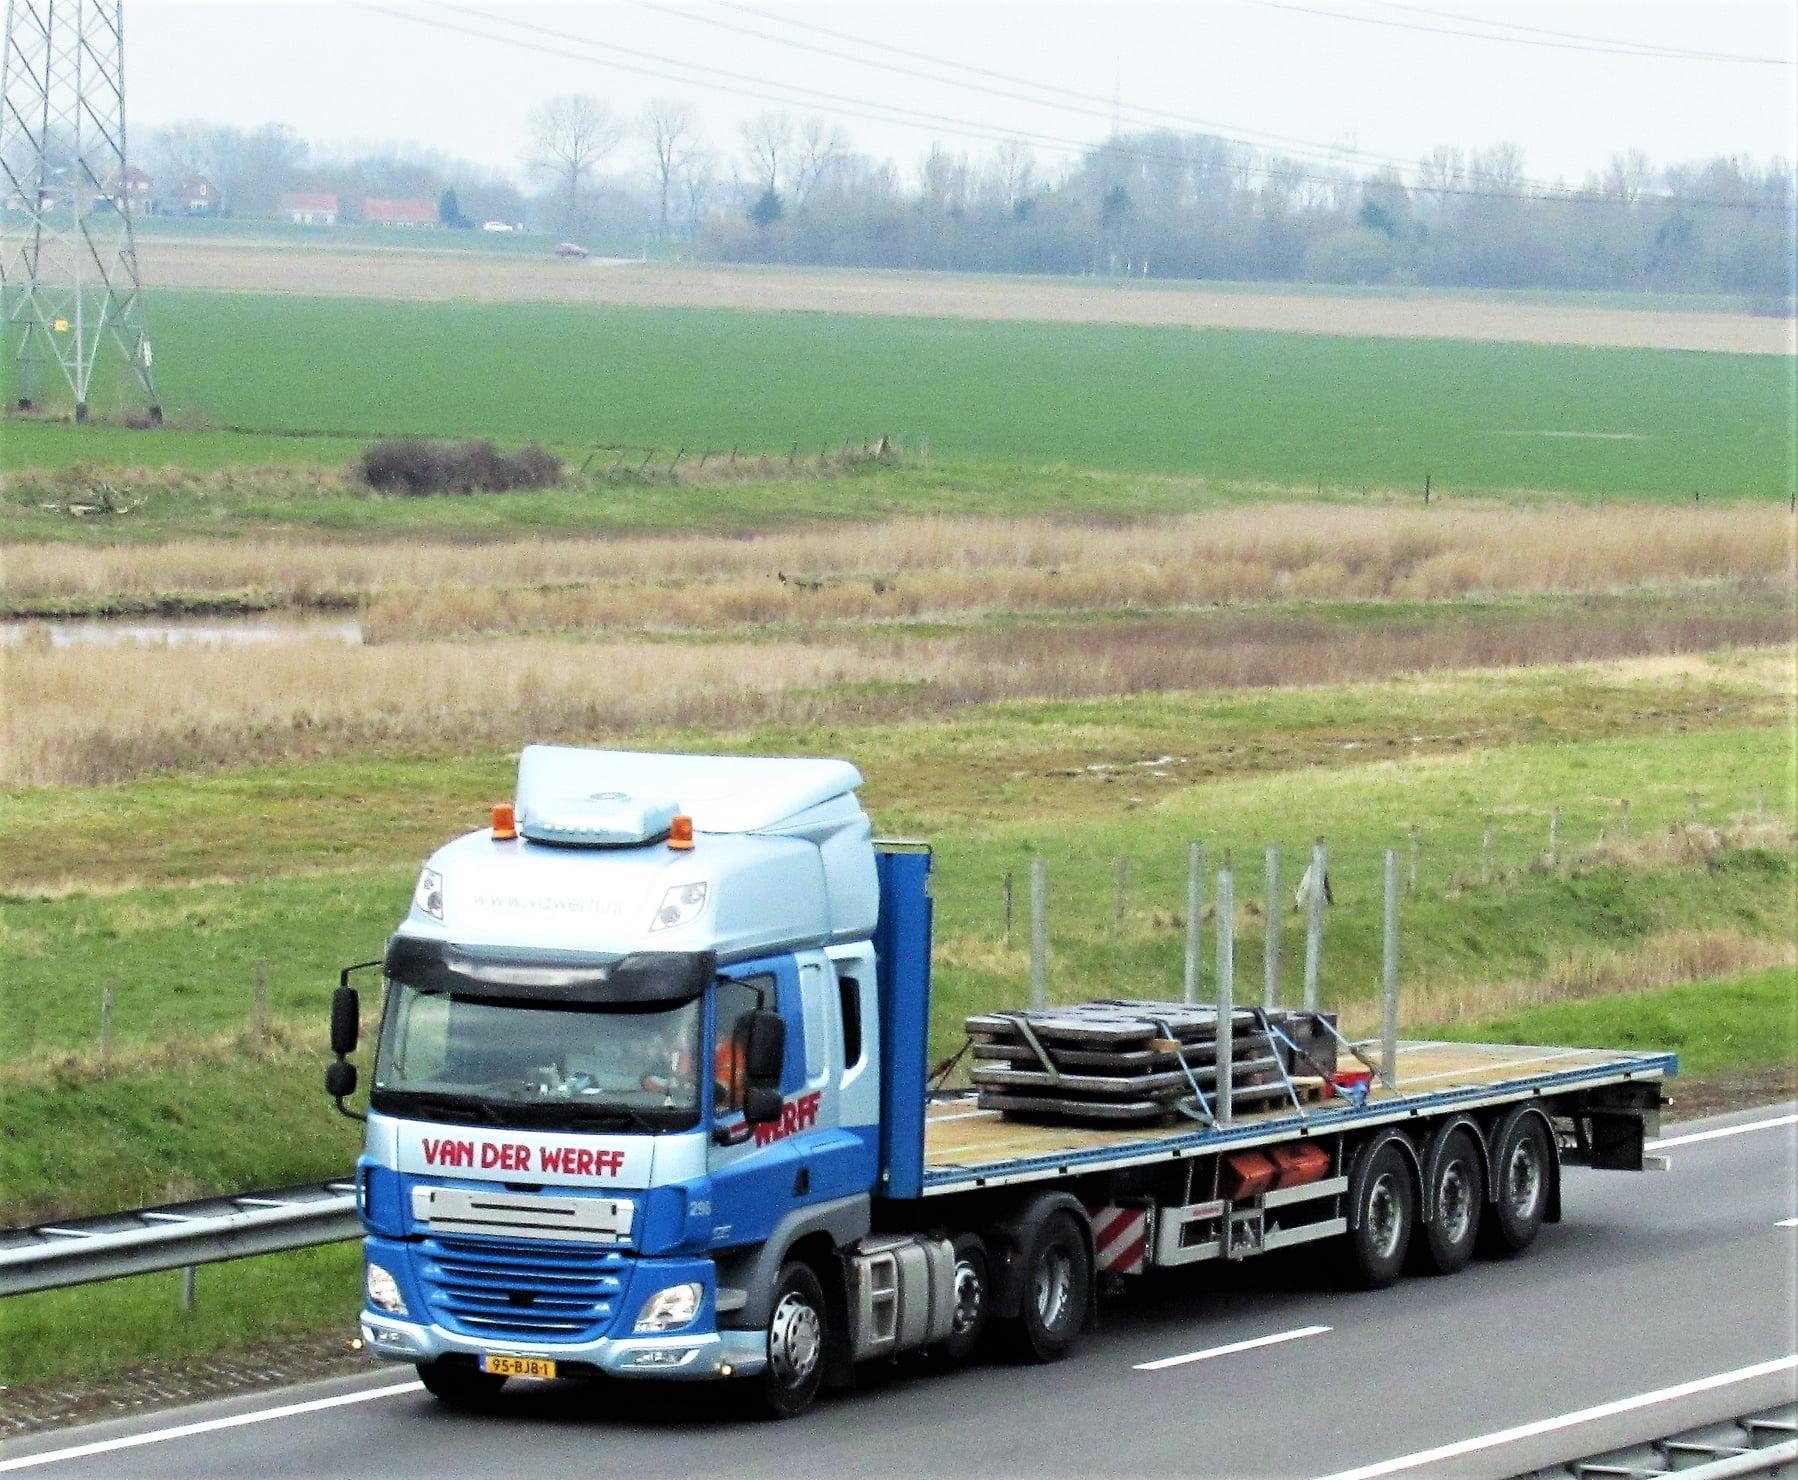 N-62--2021-Willem-A-de-Jonge-foto